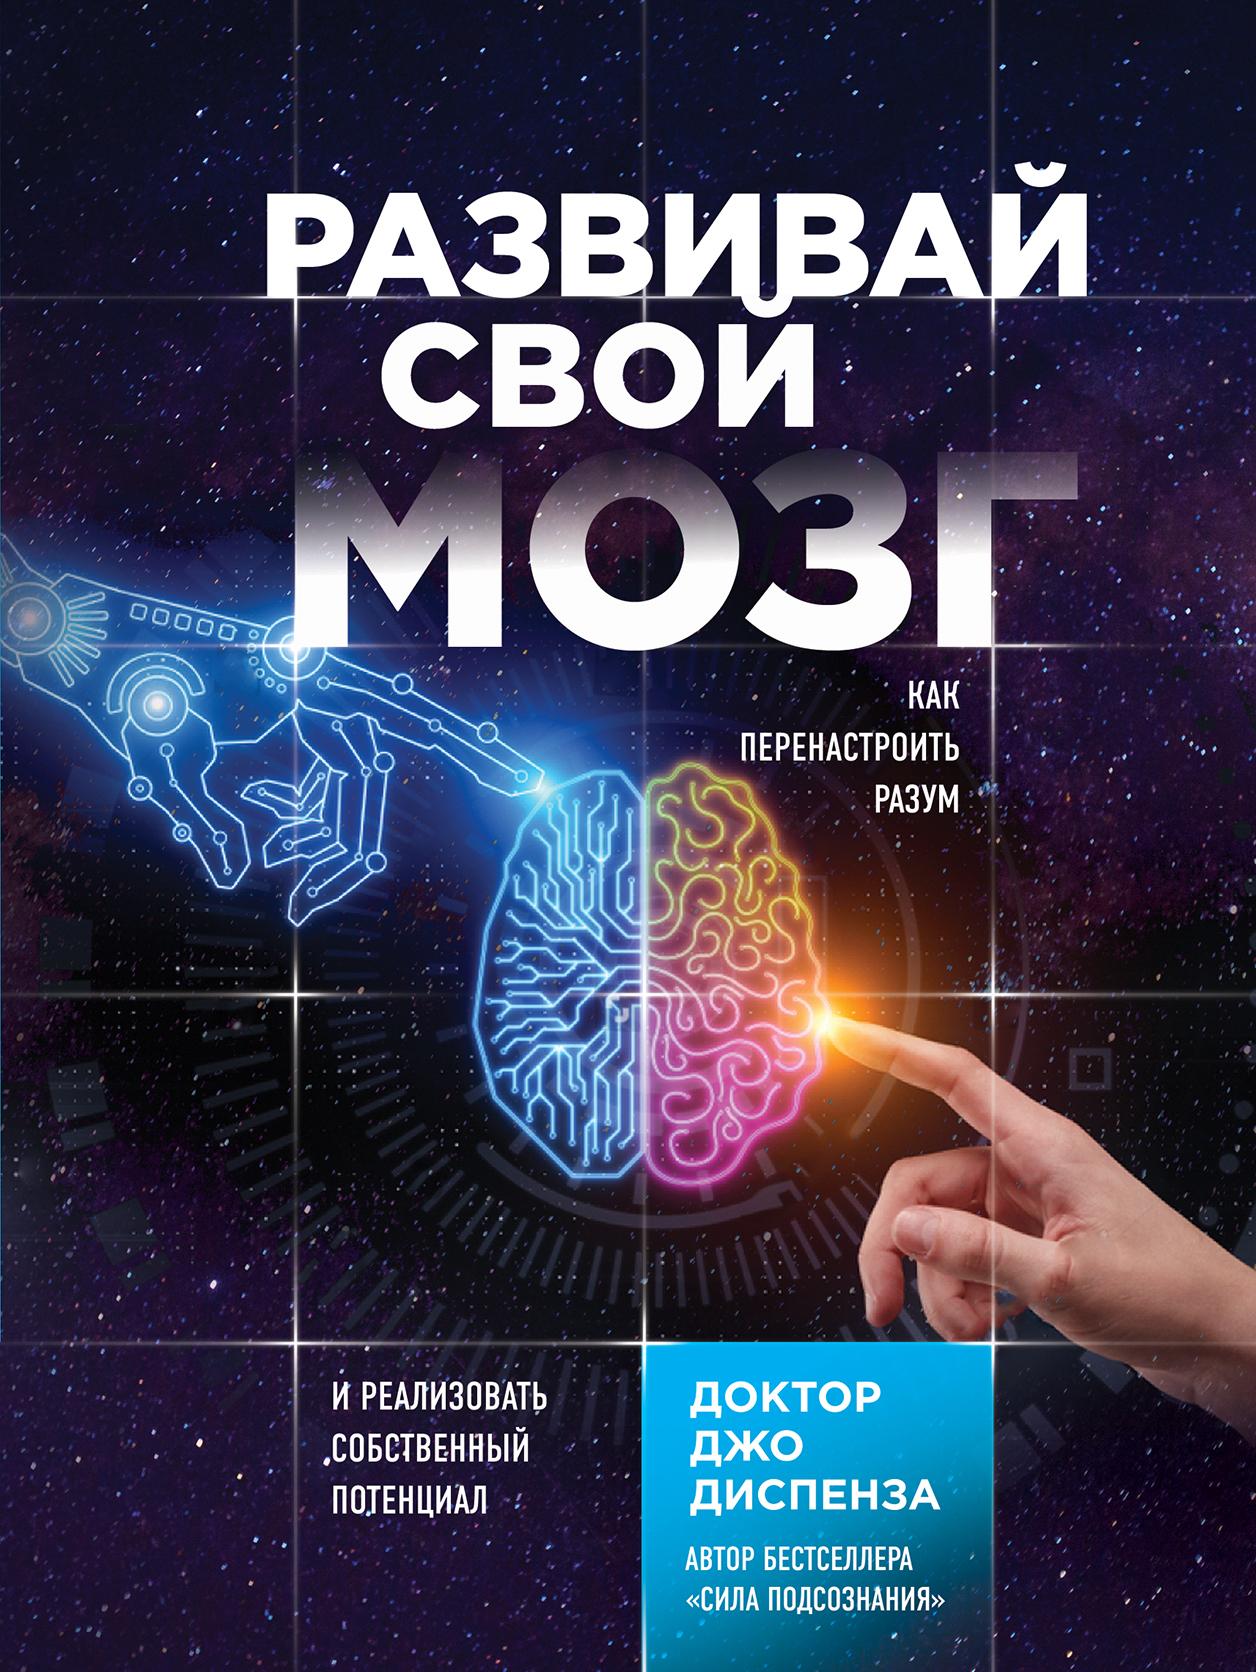 Джо Диспенза Развивай свой мозг. Как перенастроить разум и реализовать собственный потенциал аннибали дж тревожный мозг как успокоить мысли исцелить разум и вернуть контроль над собственной жизнью